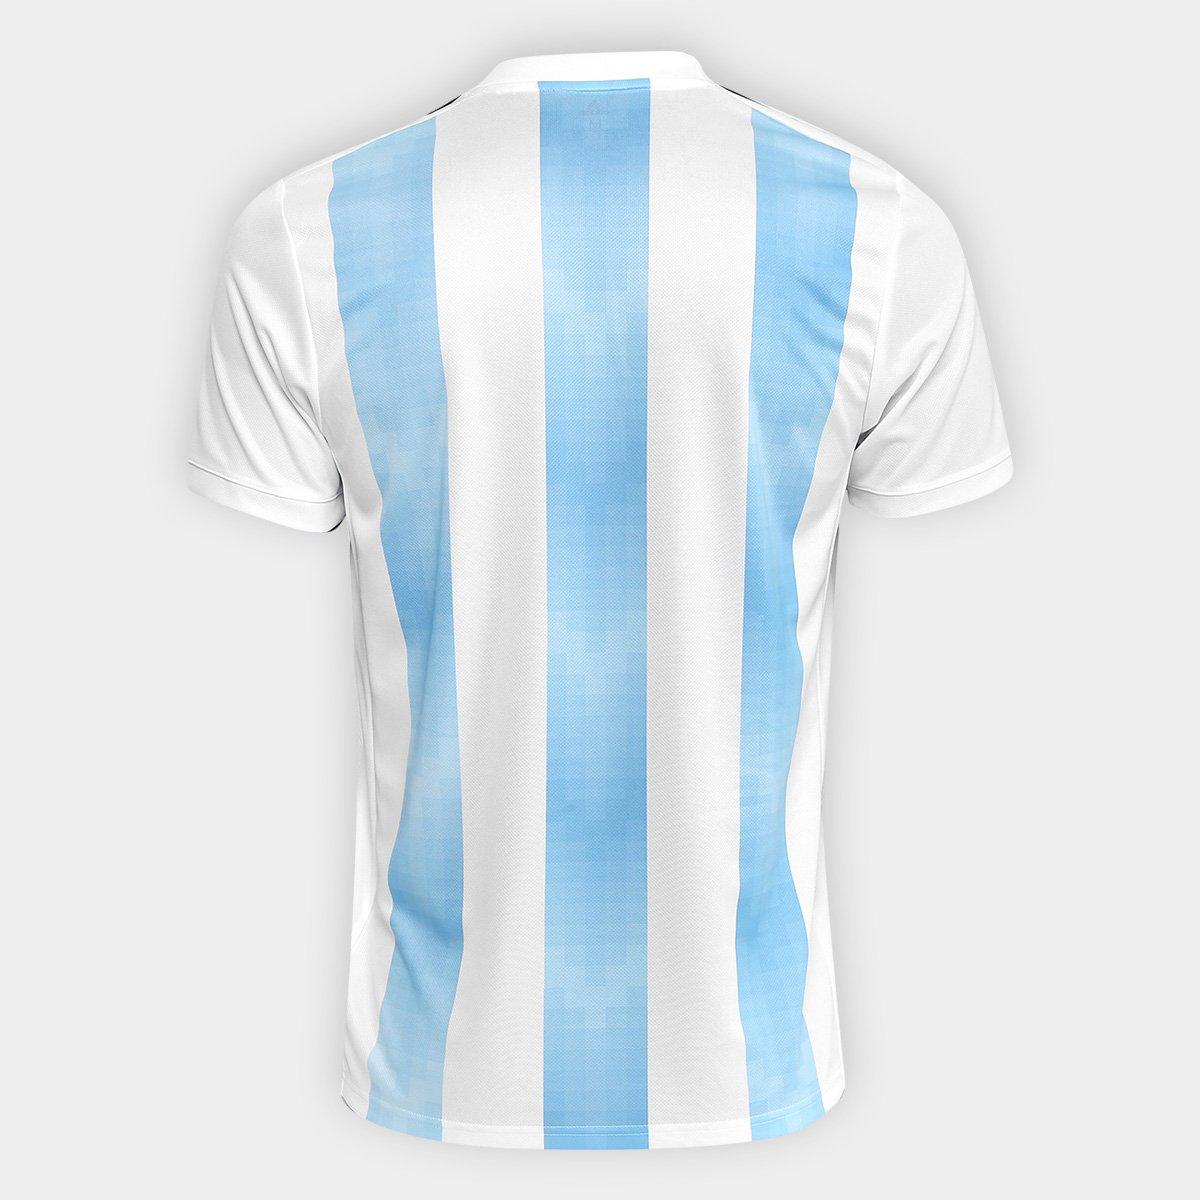 b988434a01b98 Camisa Seleção Argentina Home 2018 s n° Torcedor Adidas Masculina ...